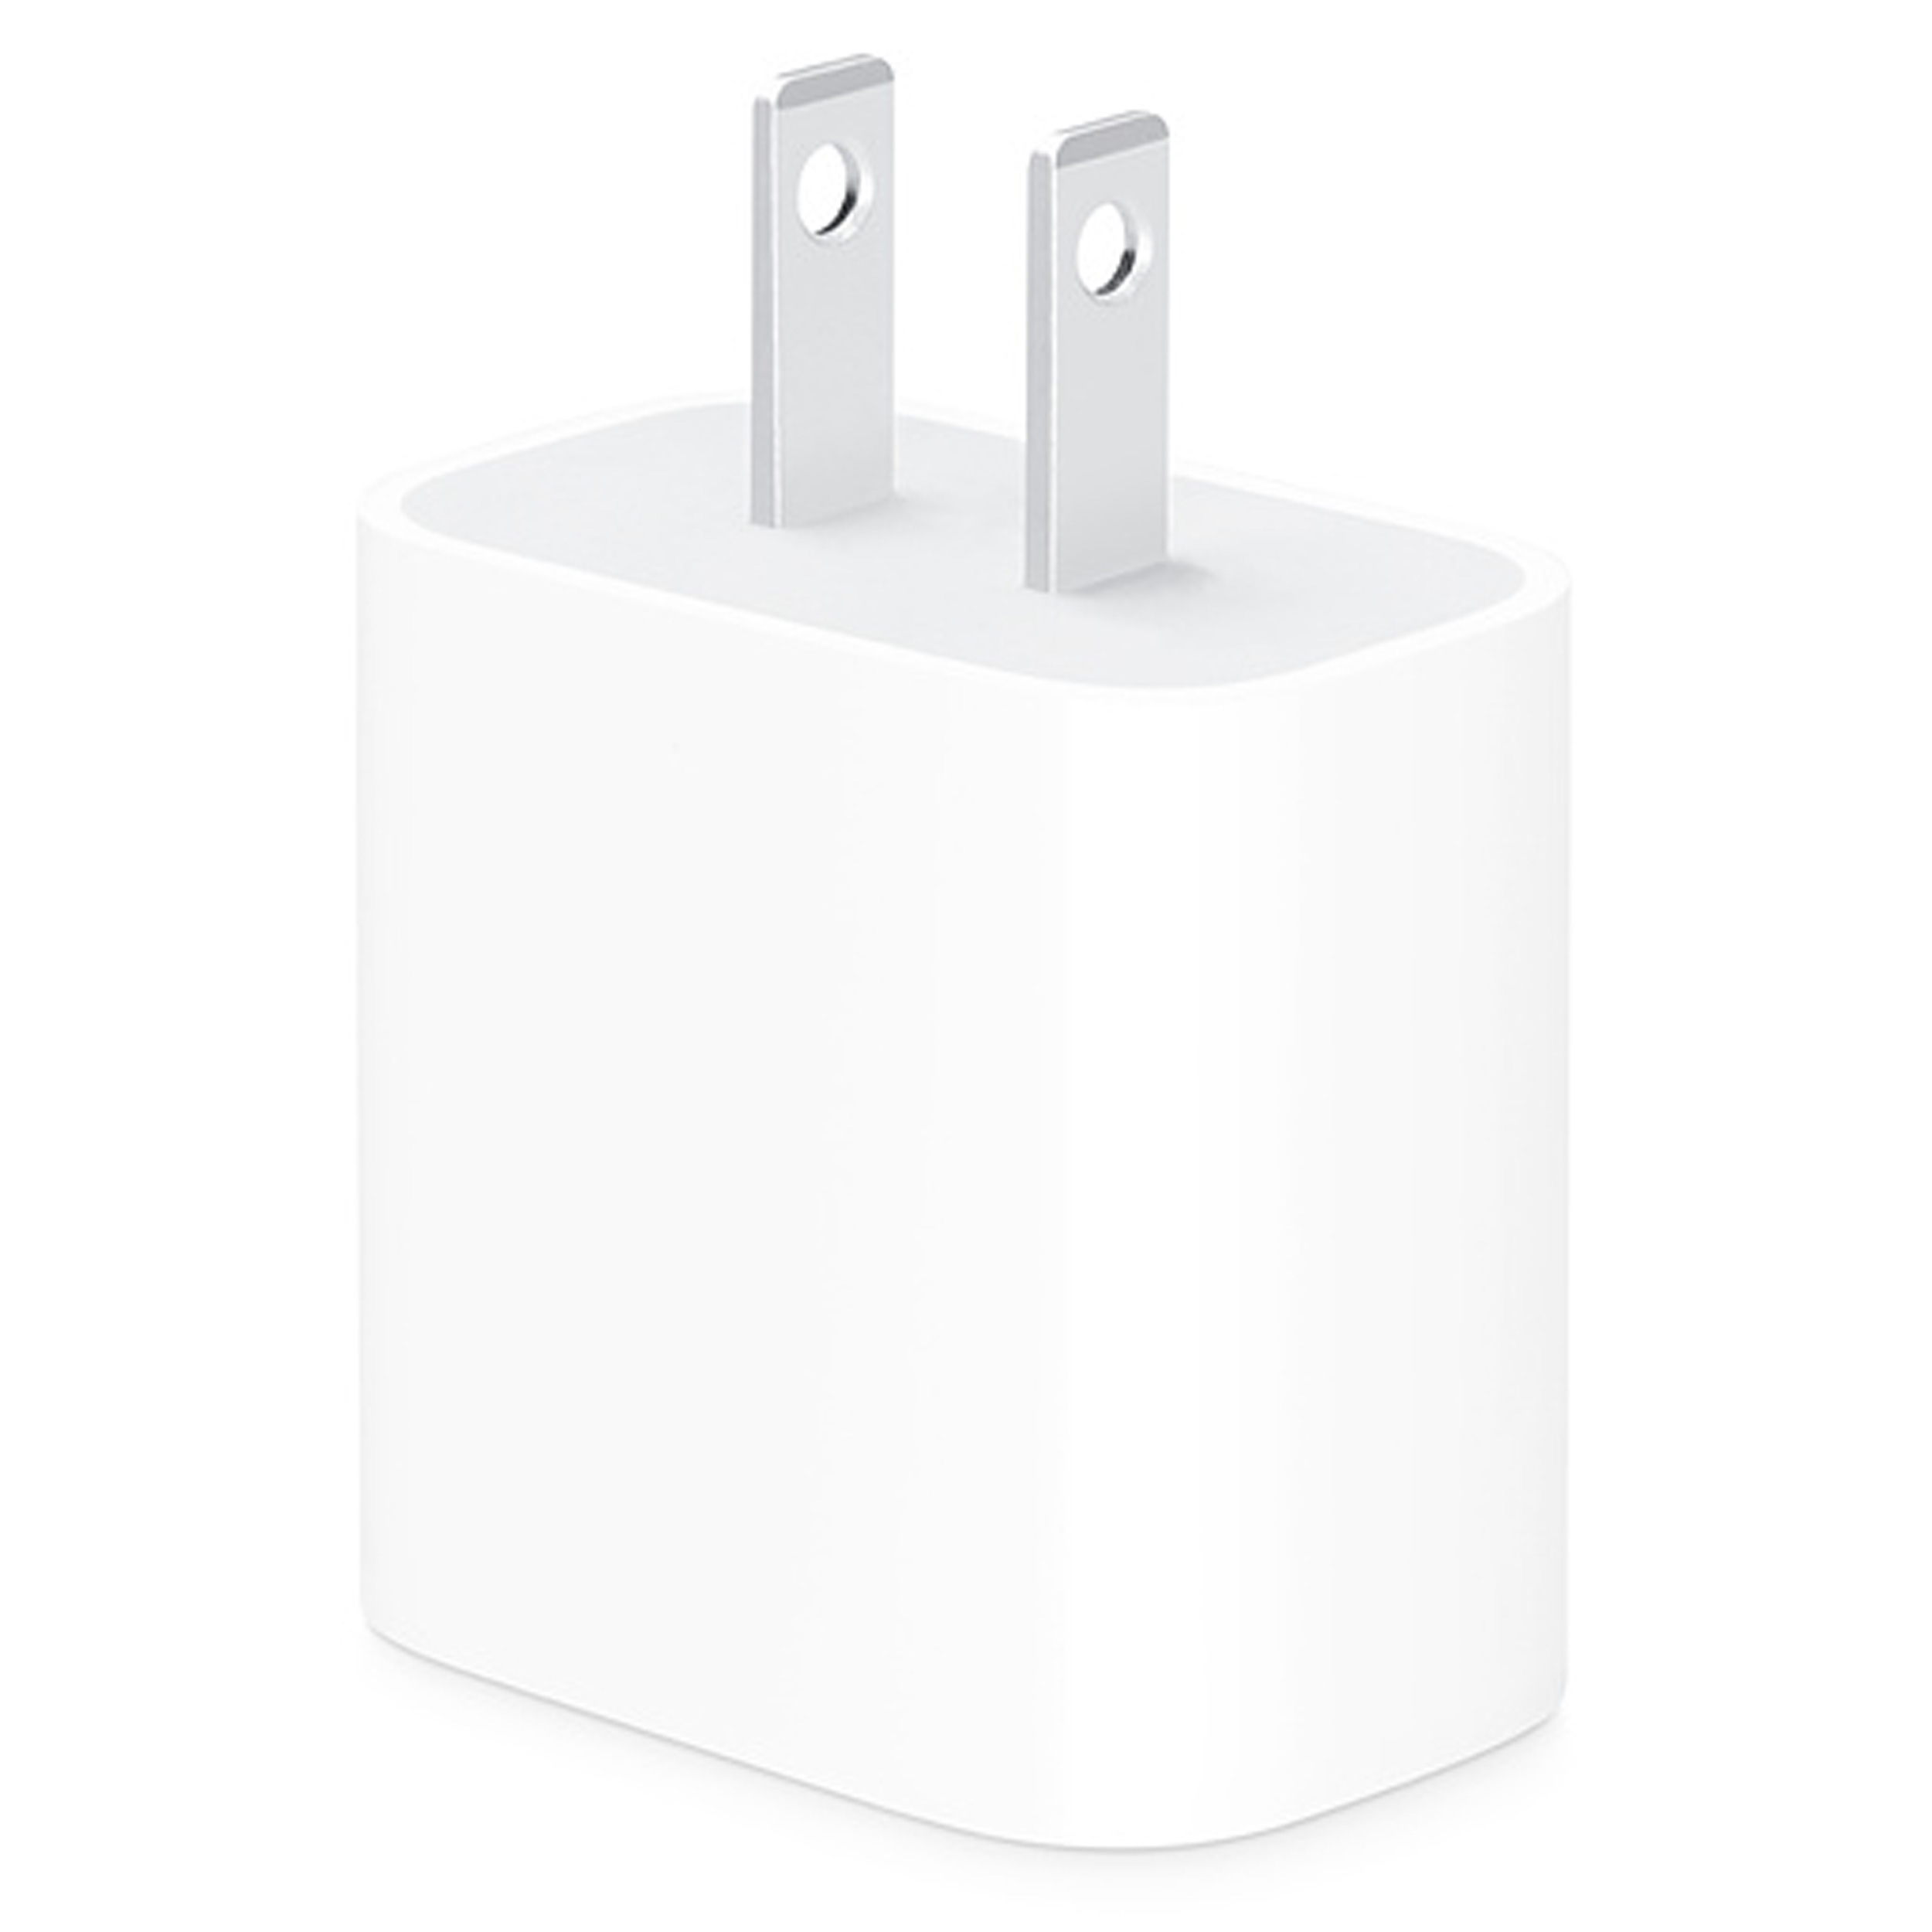 شارژر دیواری اپل مدل MU7